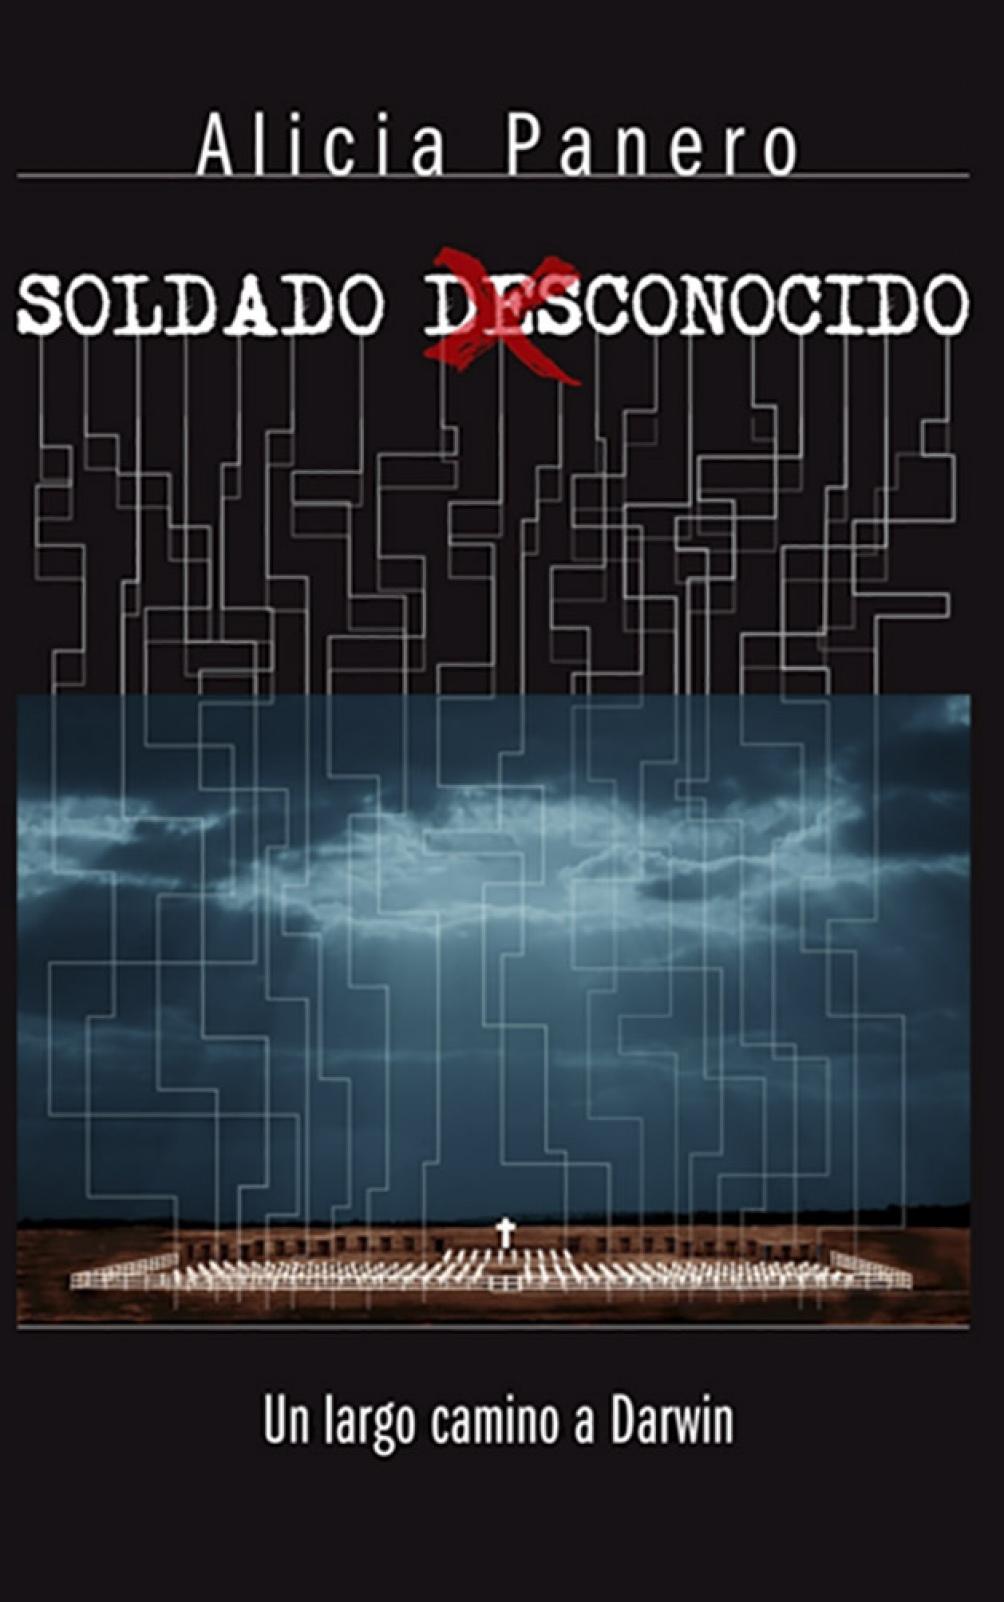 Panero es autora del libro